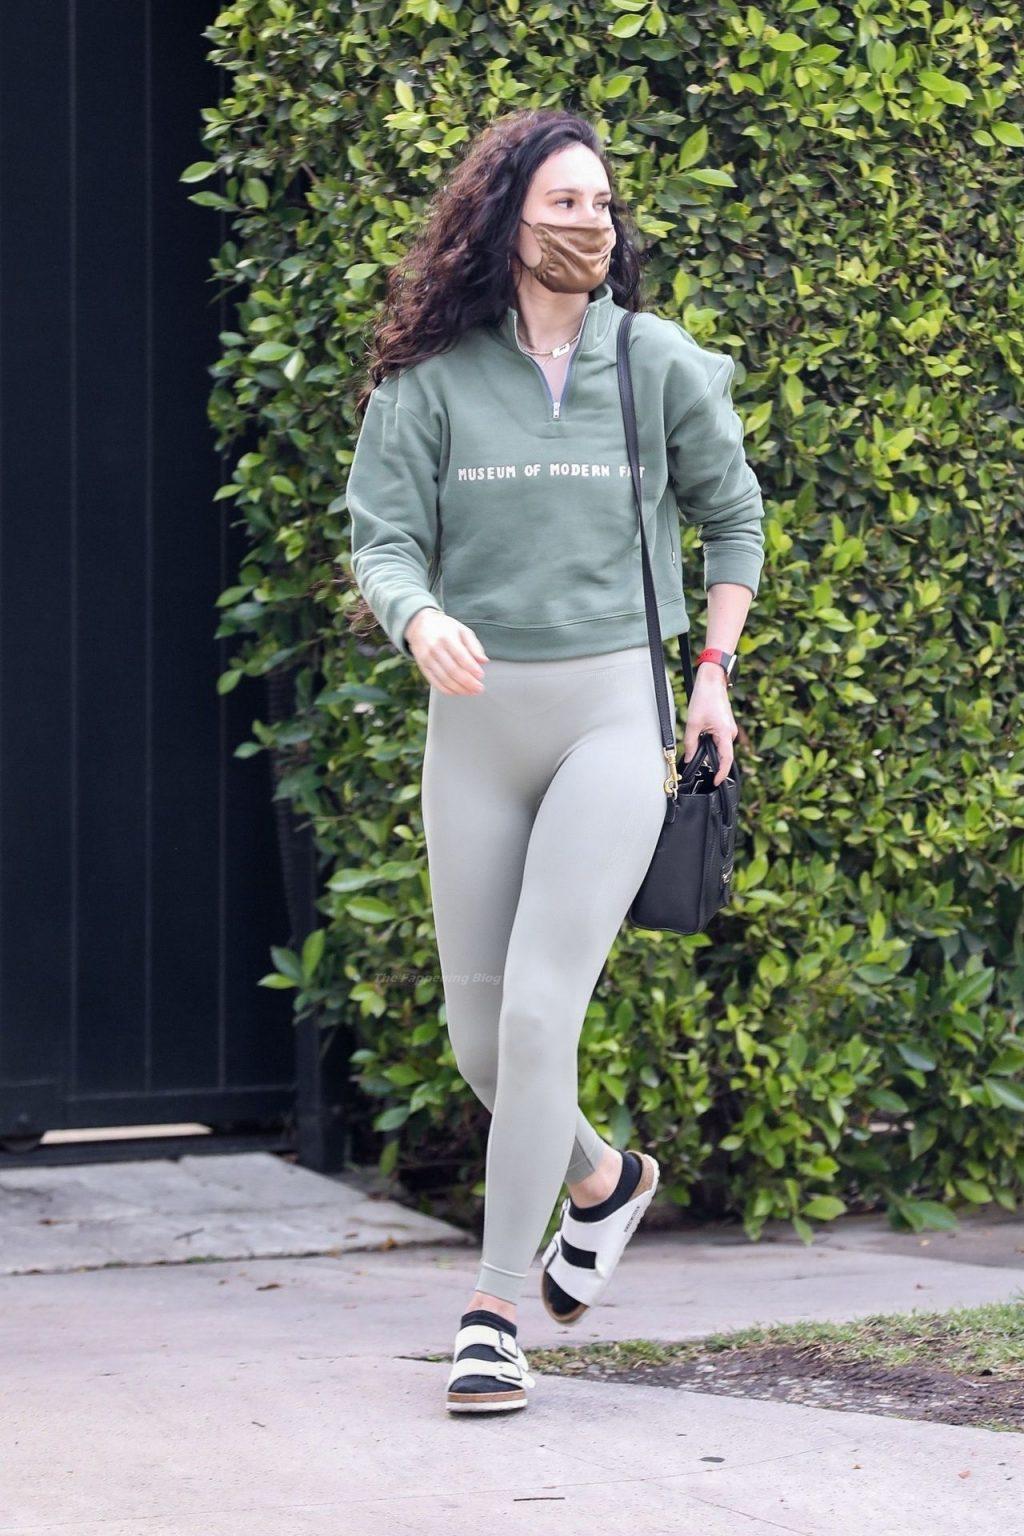 Rumer Willis Makes a Fashion Statement Heading to Pilates Session (20 Photos)